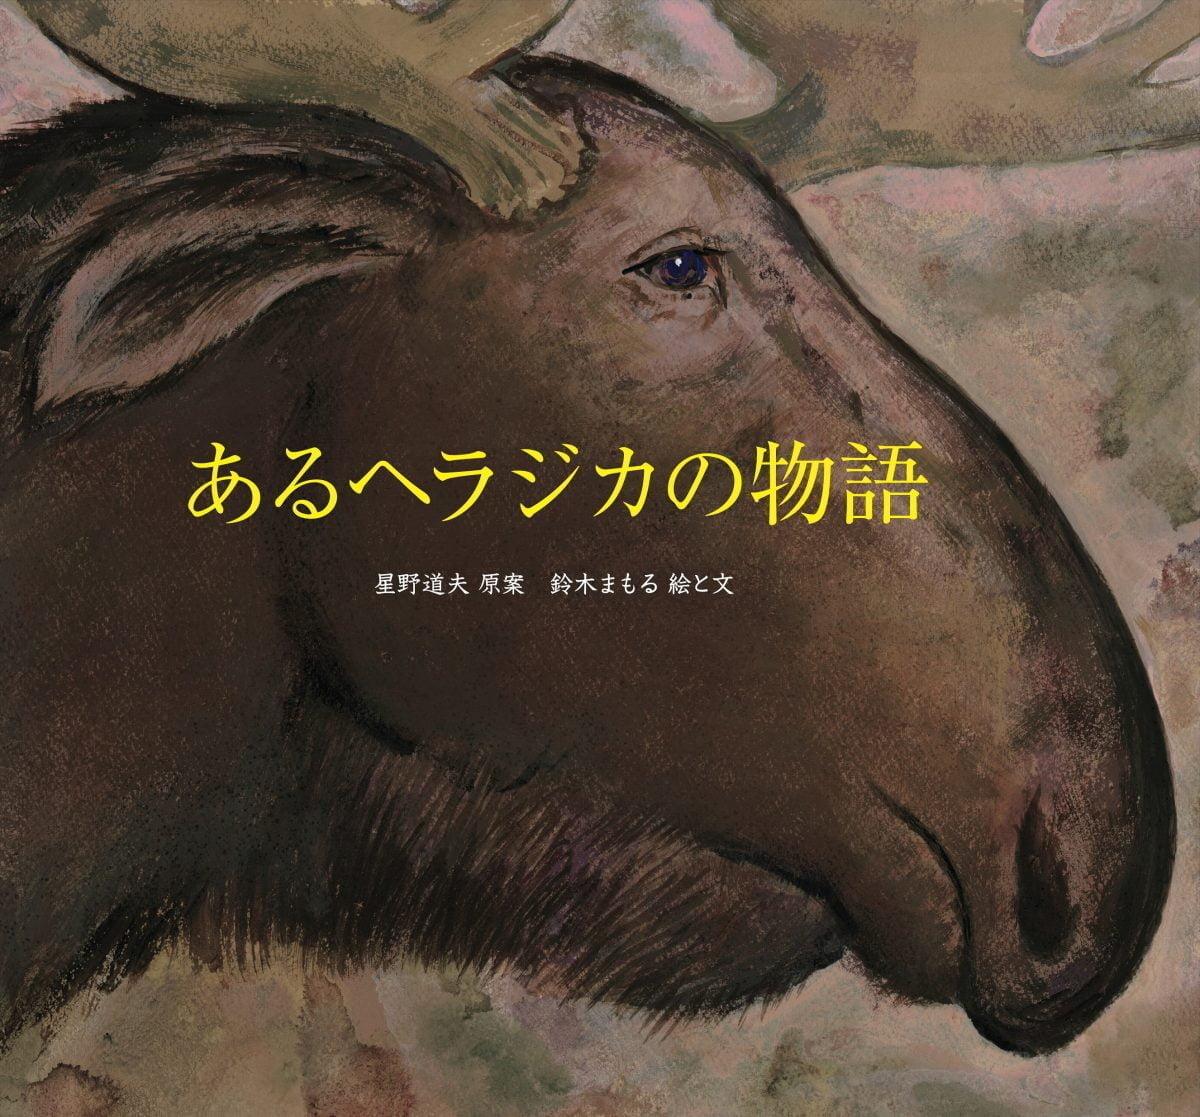 絵本「あるヘラジカの物語」の表紙